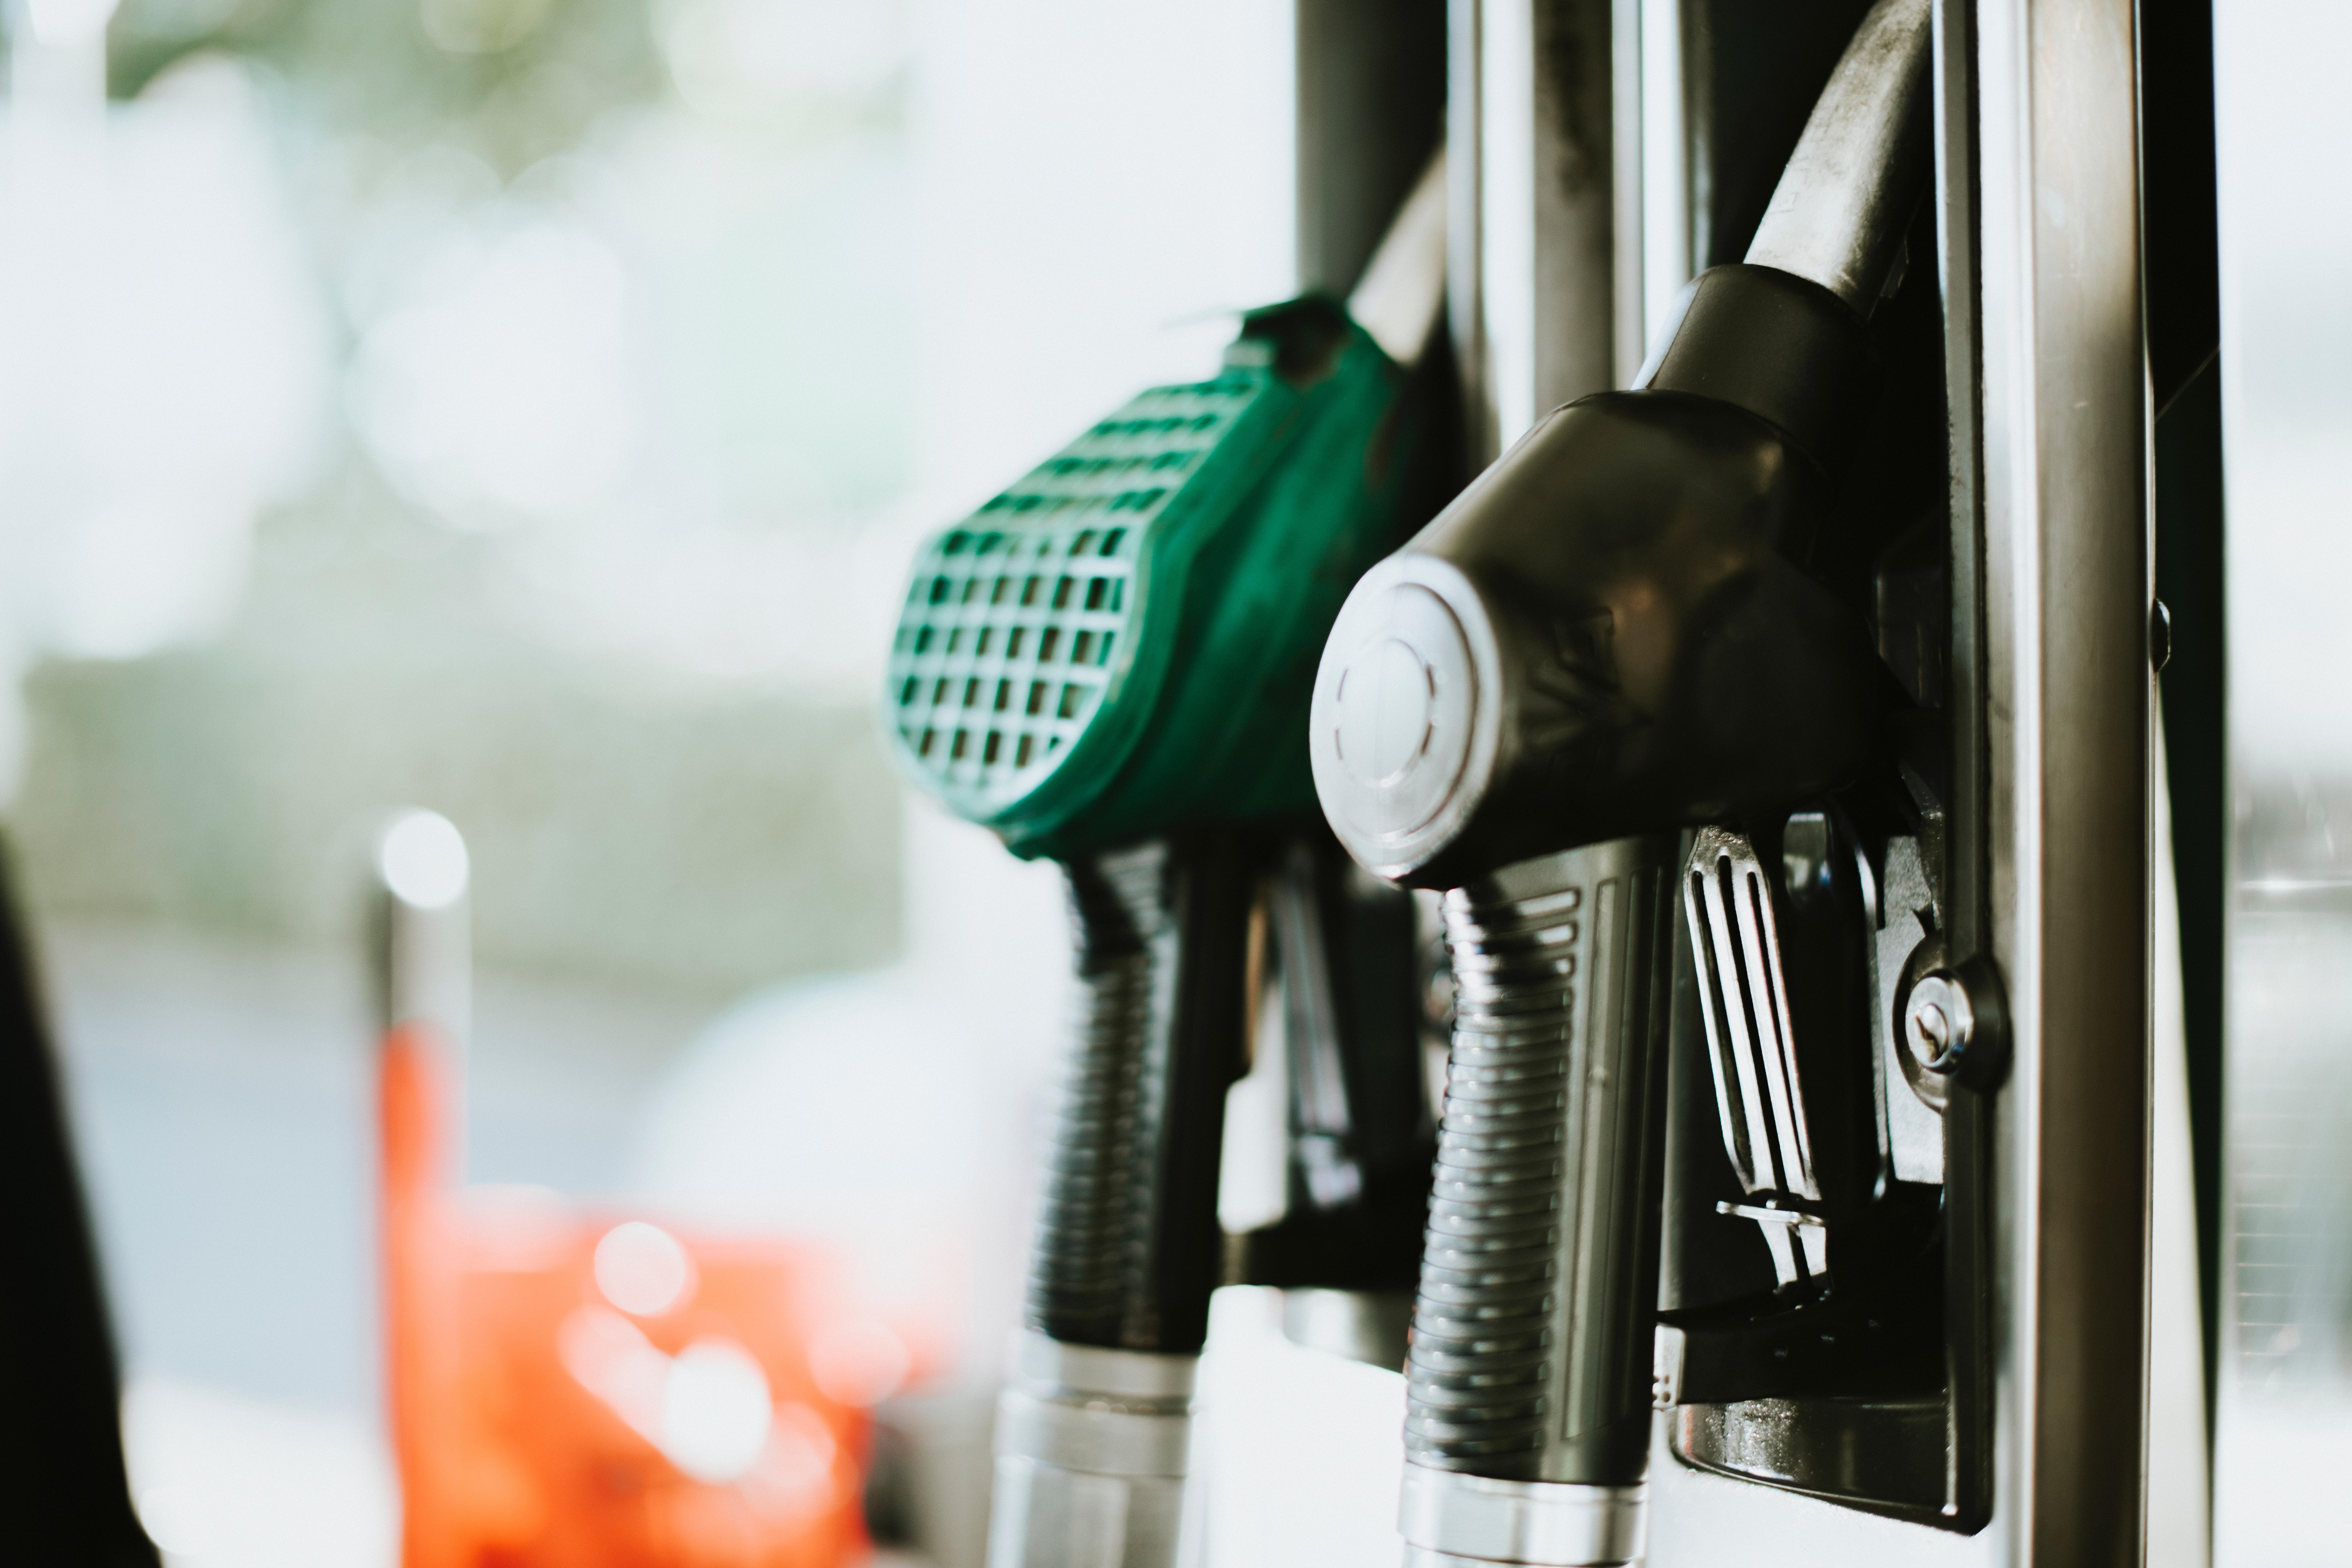 App fattura elettronica o carta carburante? Ecco come pagare la benzina in trasferta